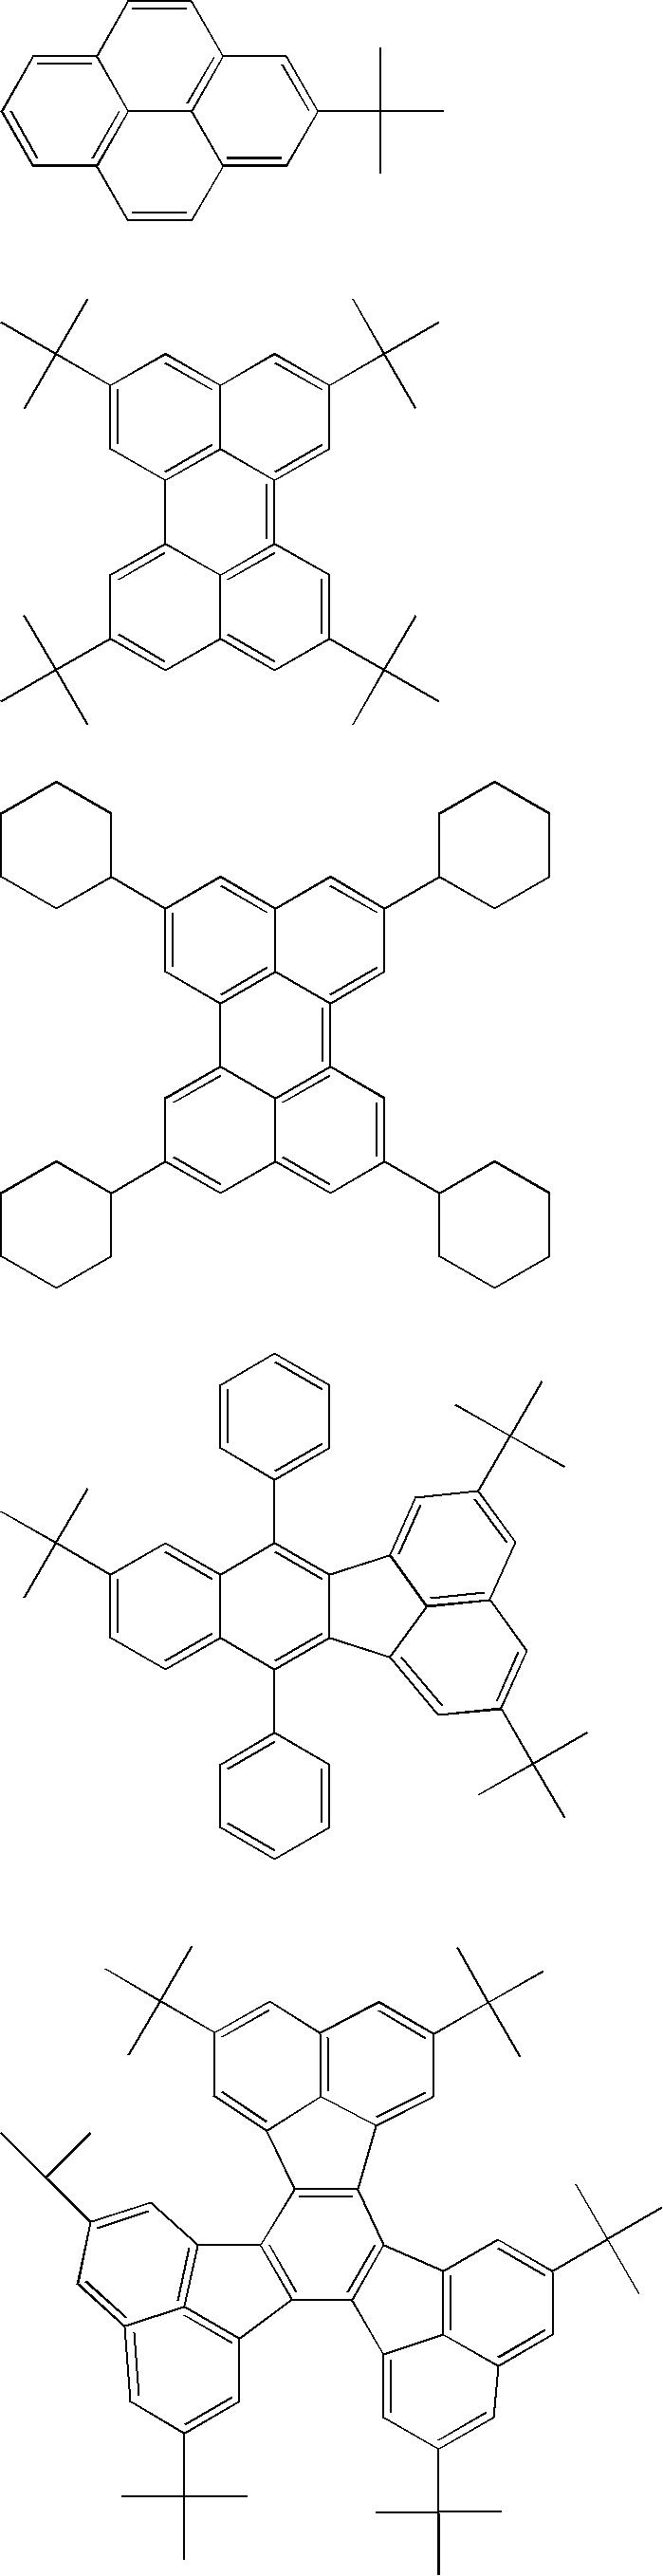 Figure US07528542-20090505-C00023